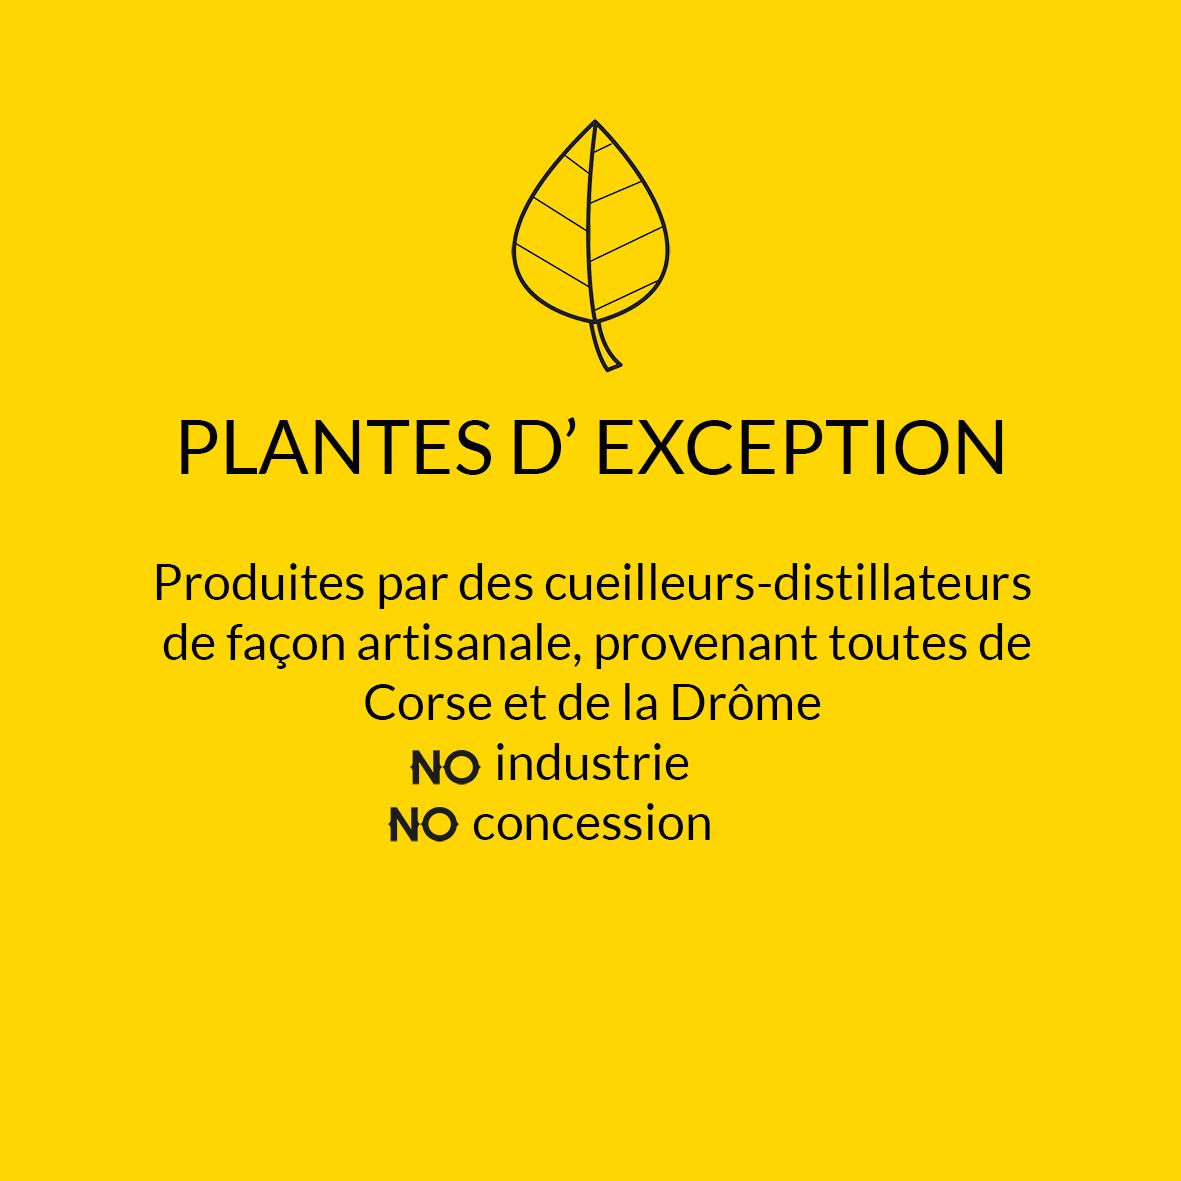 plantes d'exception.jpg